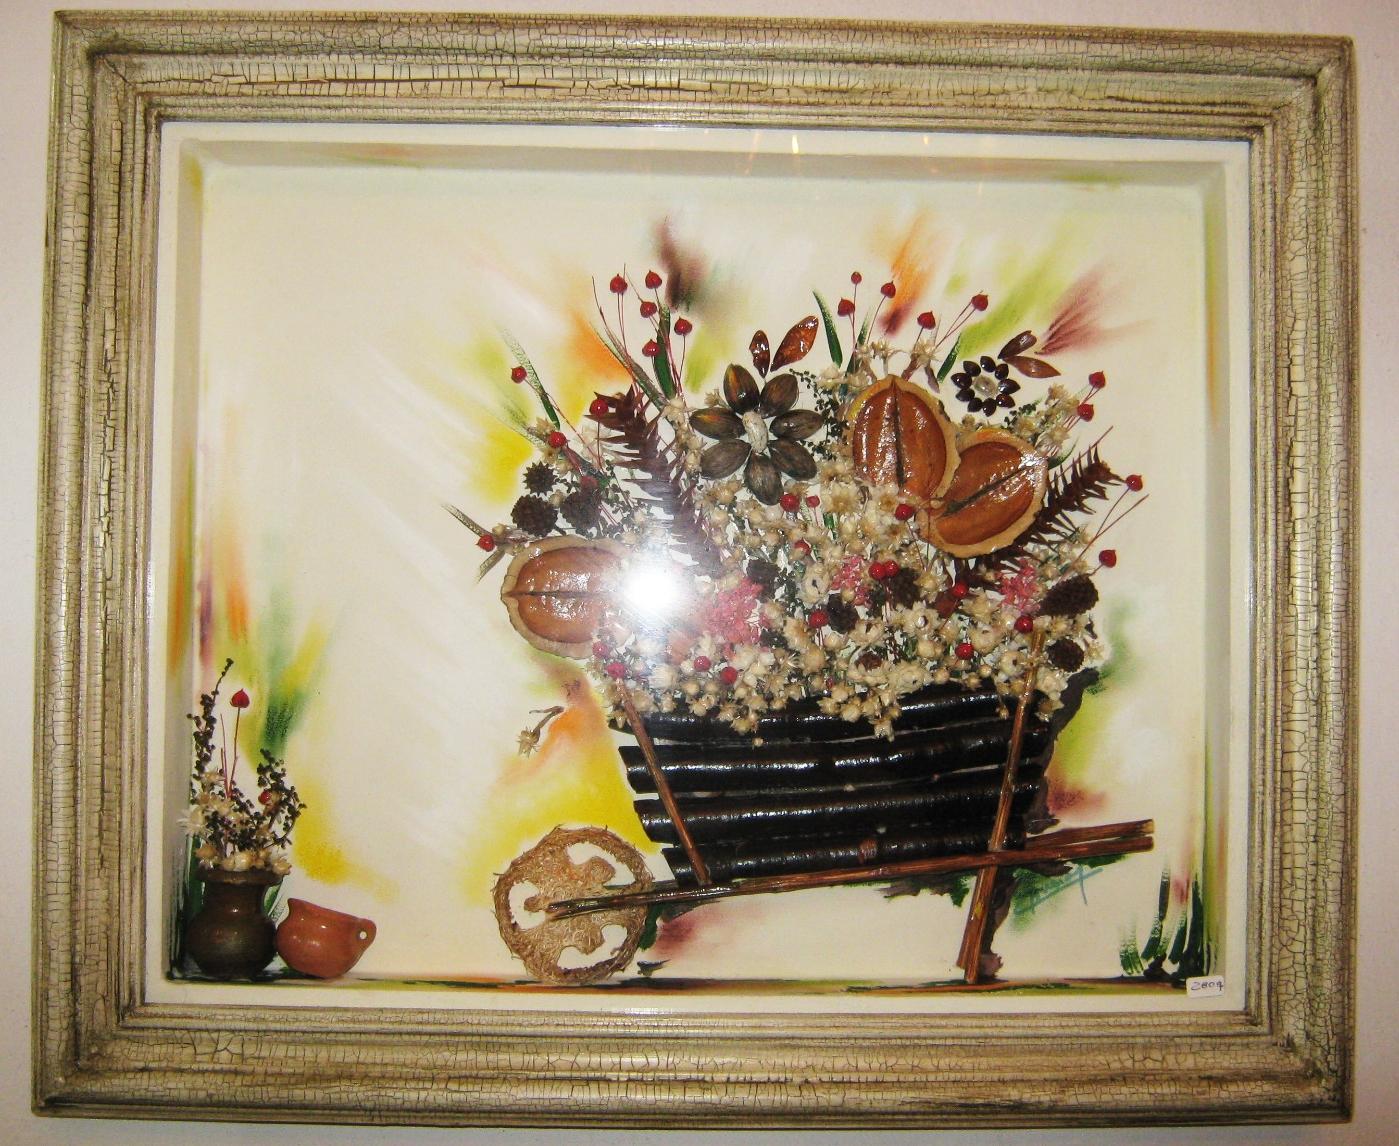 Fotos De Cuadros De Flores Secas - flores secas y artificiales Manualidades y Bellas Artes